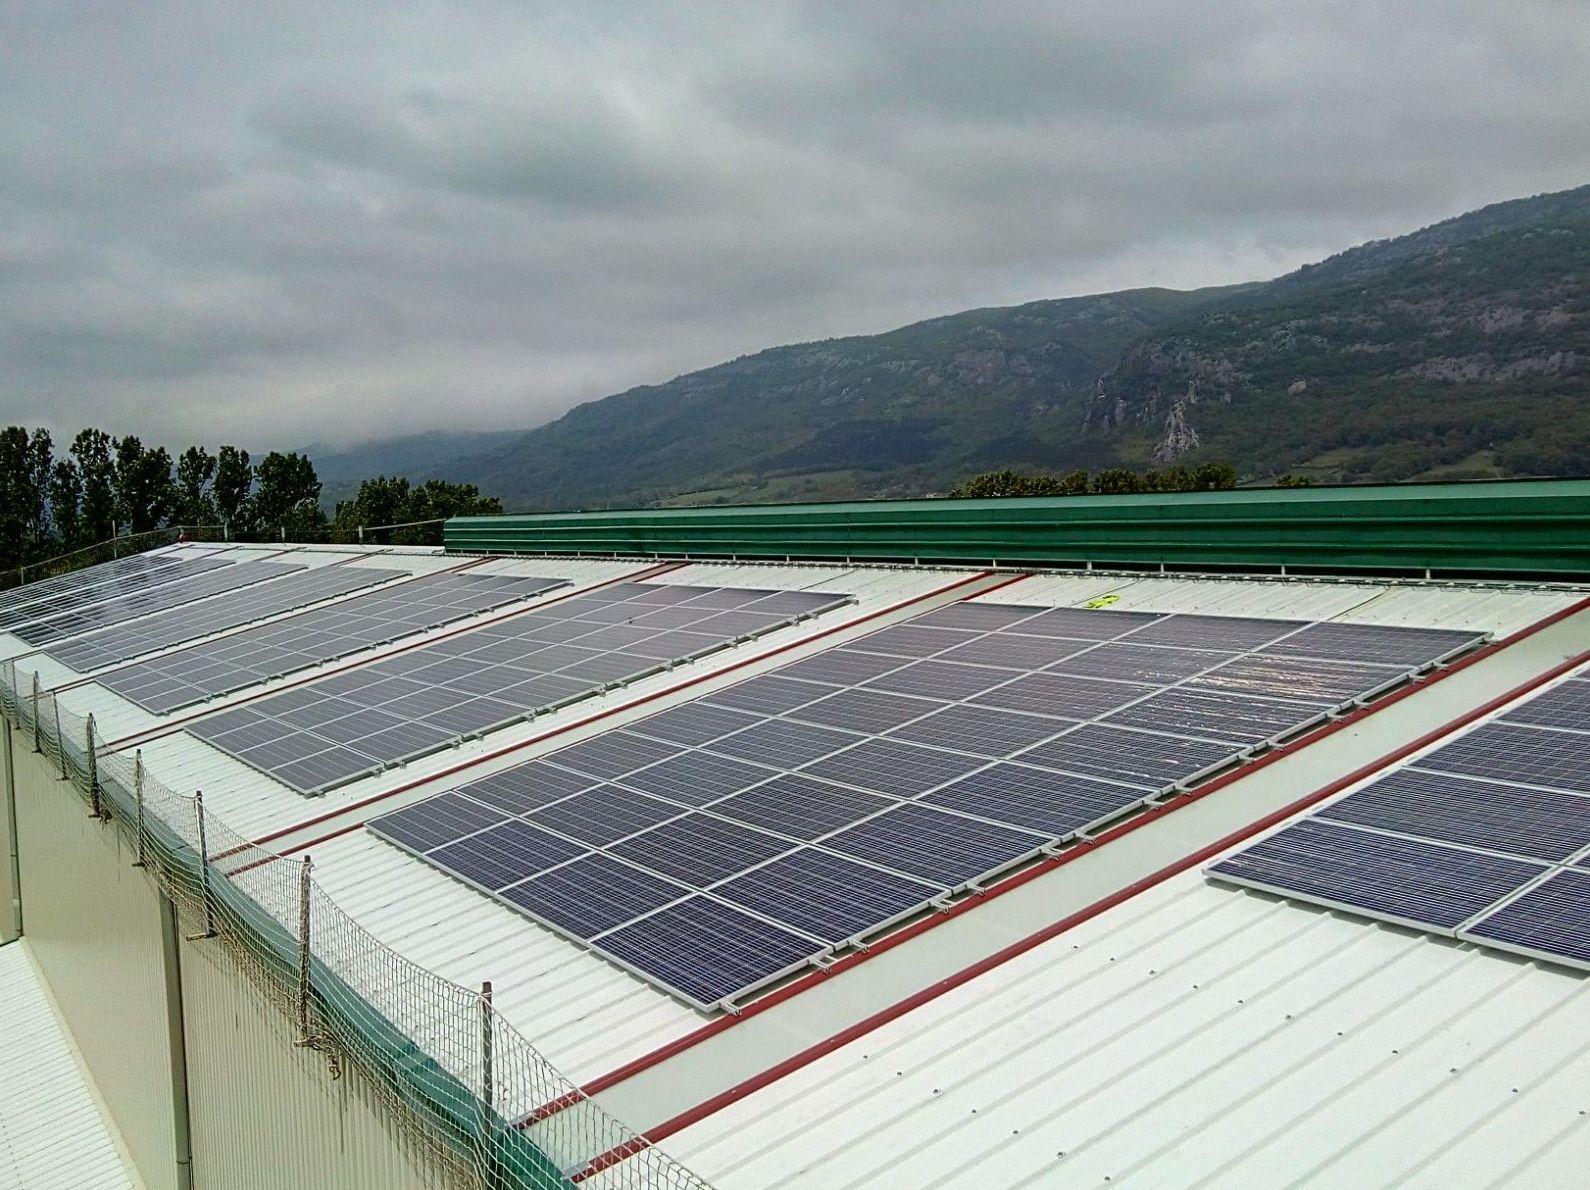 Energía renovable, instalación de placas solares fotovoltaica en Industria Uhalrod Navarra